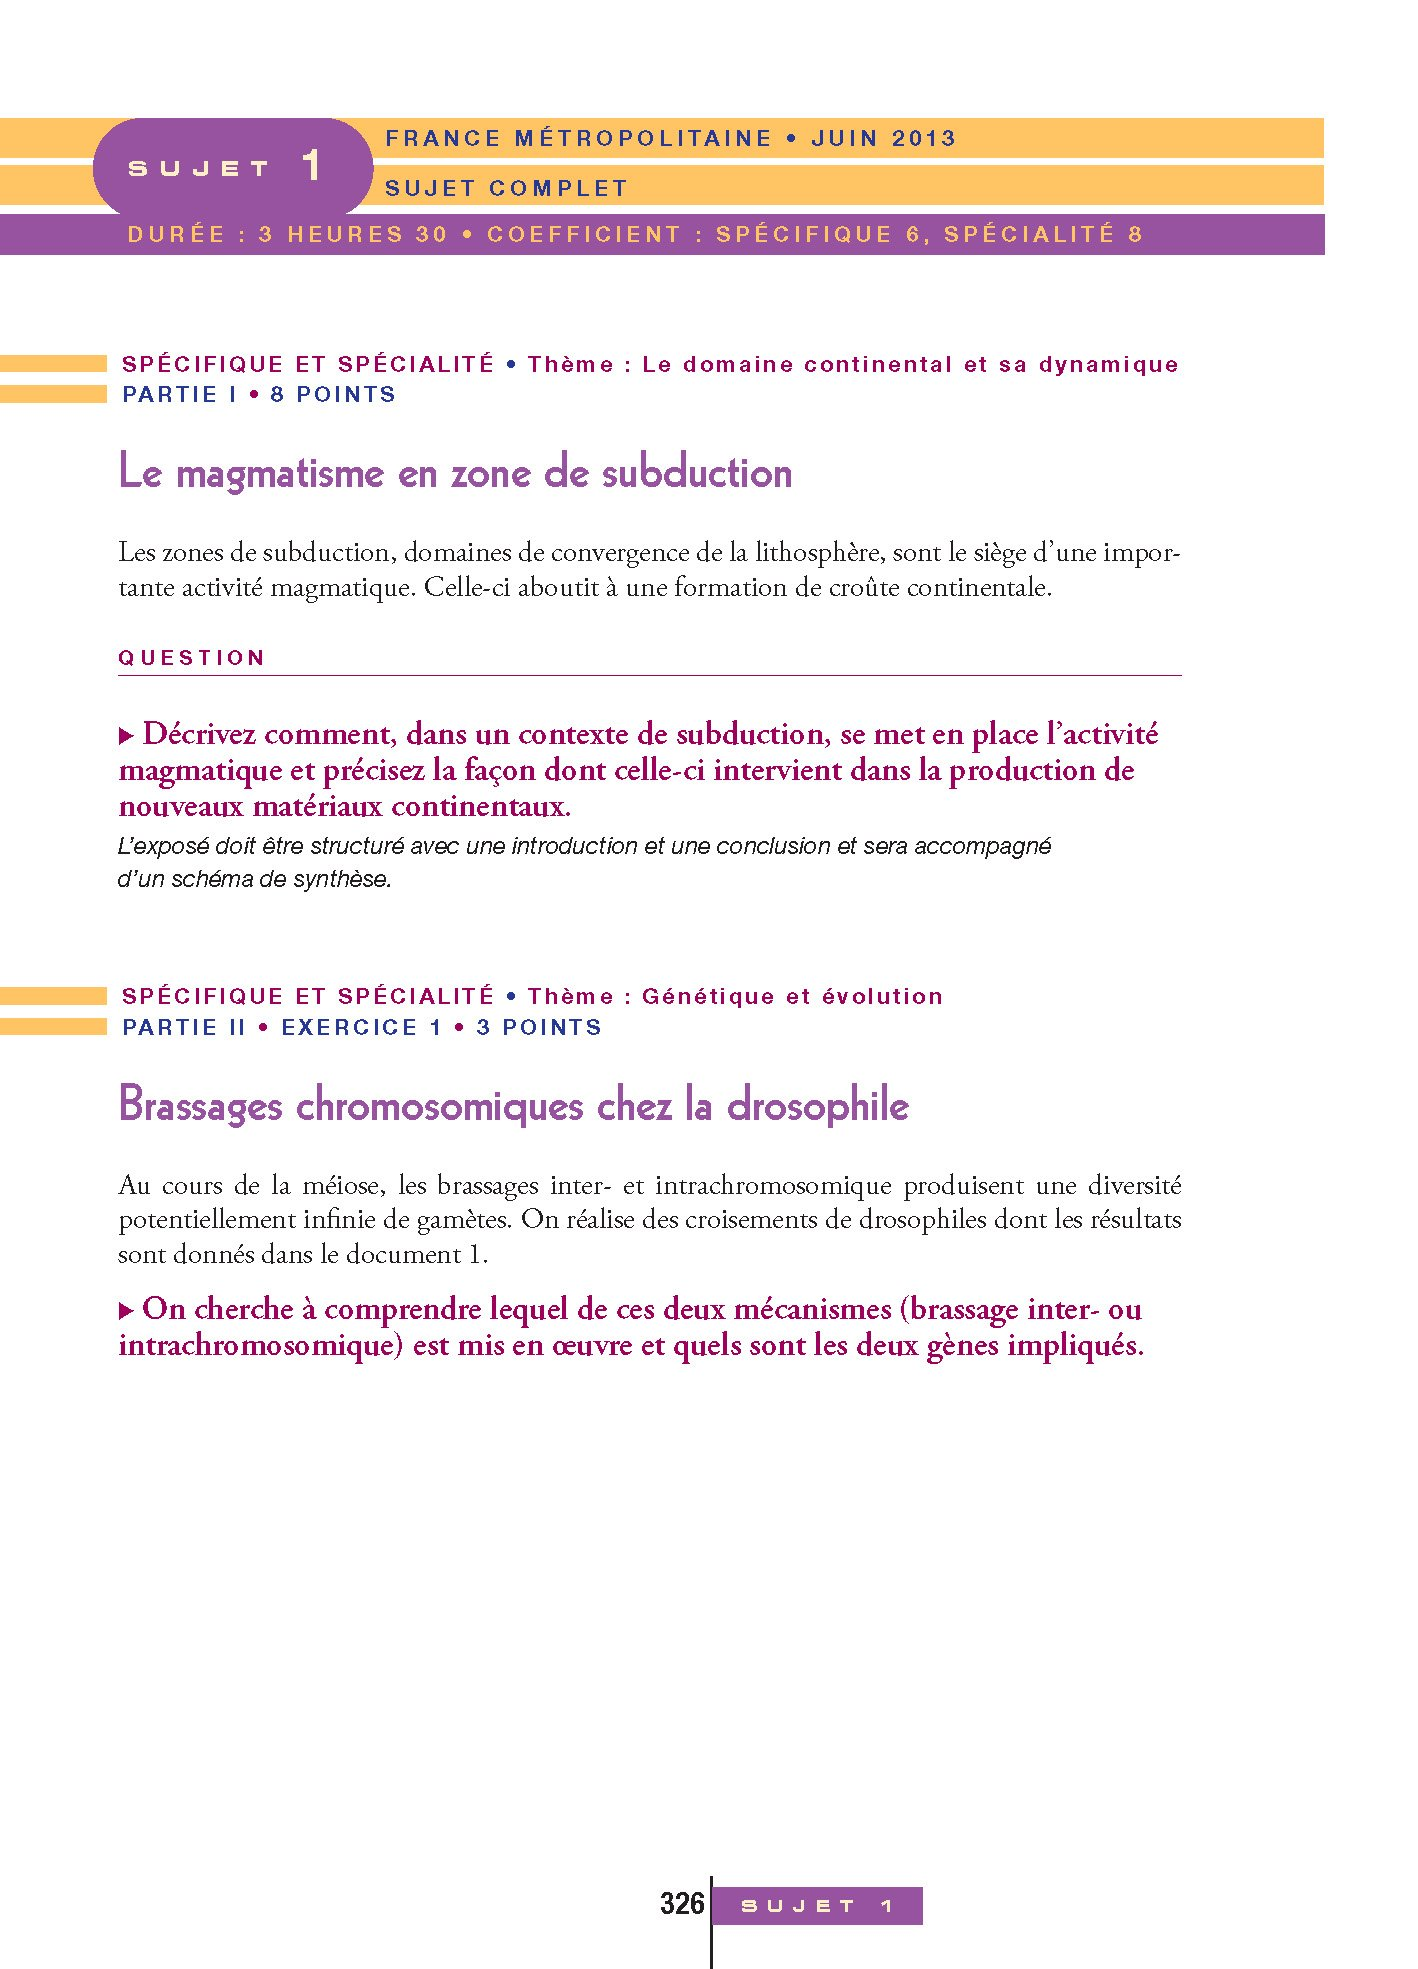 Annales Annabac 2014 Lintégrale Bac S: Sujets et corrigés en maths, physique-chimie et SVT: Amazon.es: Collectif: Libros en idiomas extranjeros